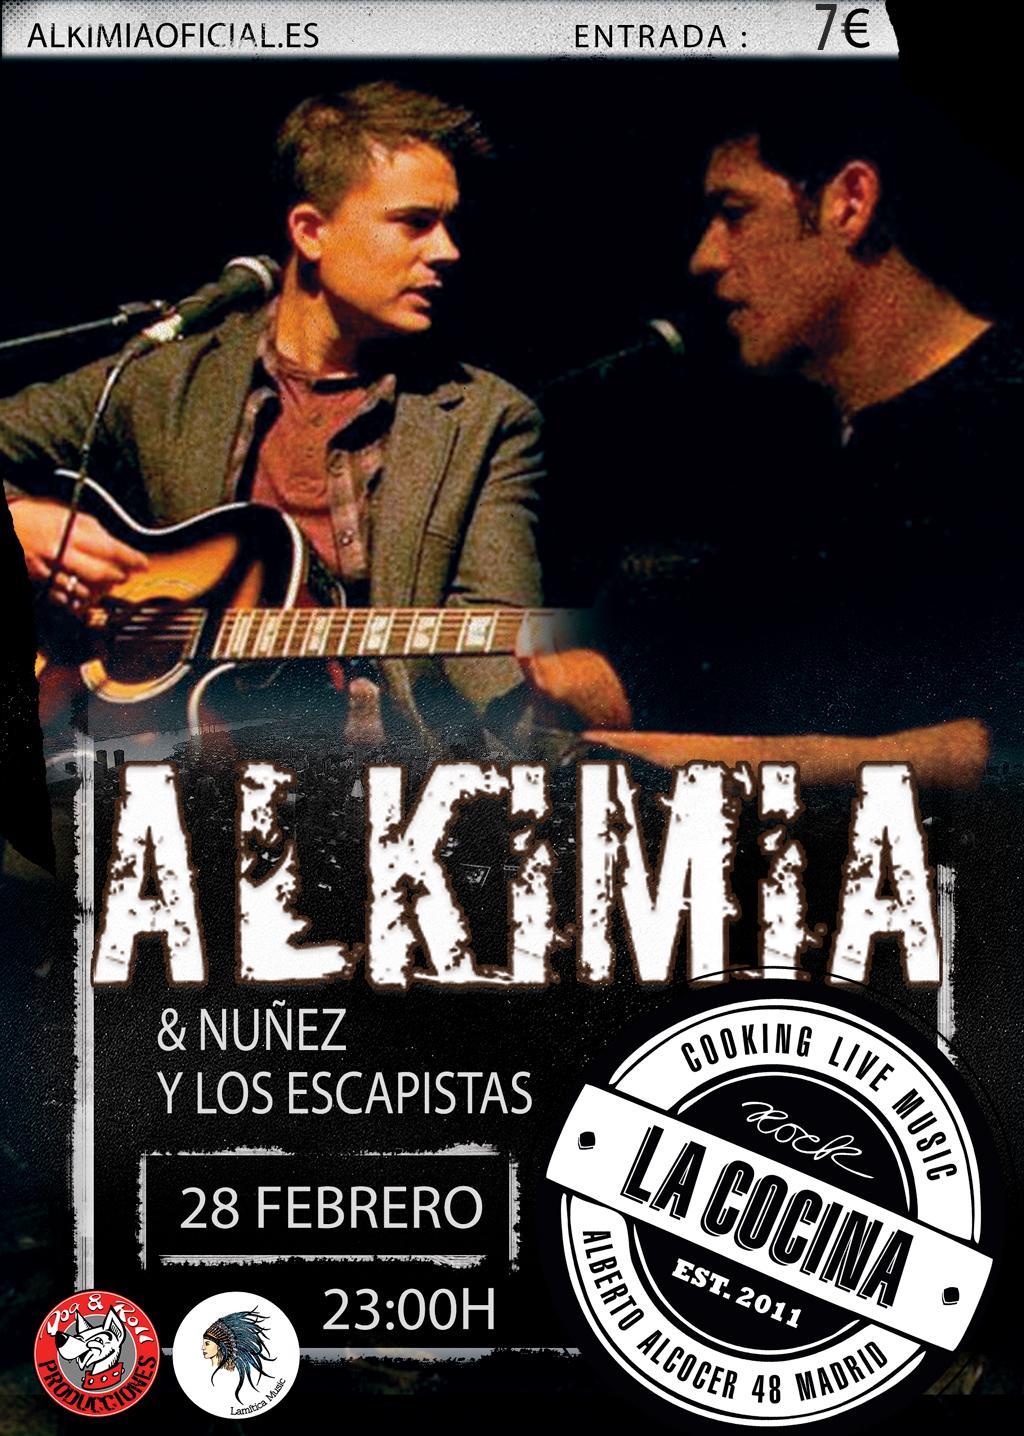 la-cocina-del-rock-Alkimia-28-02-2020_7€